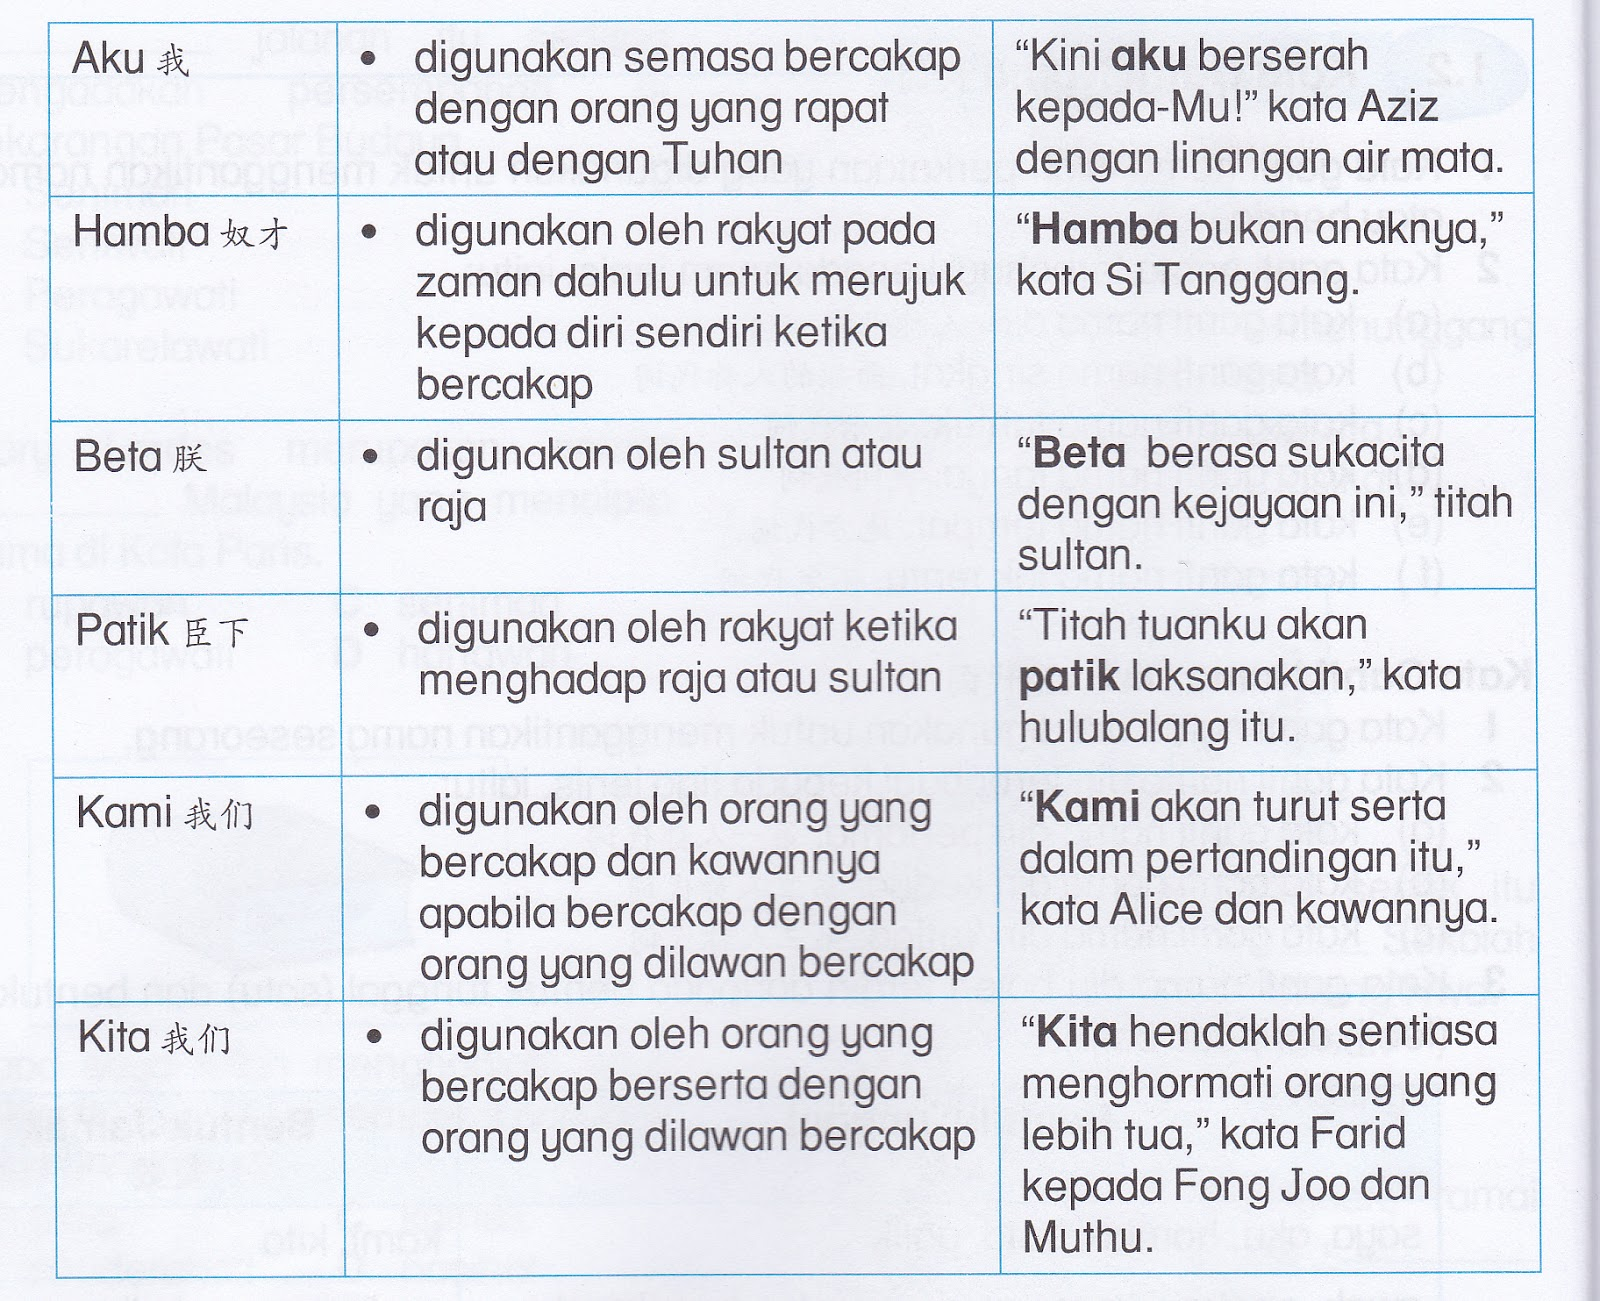 Lin Chin Mei D20112053344 Nota Kata Ganti Nama